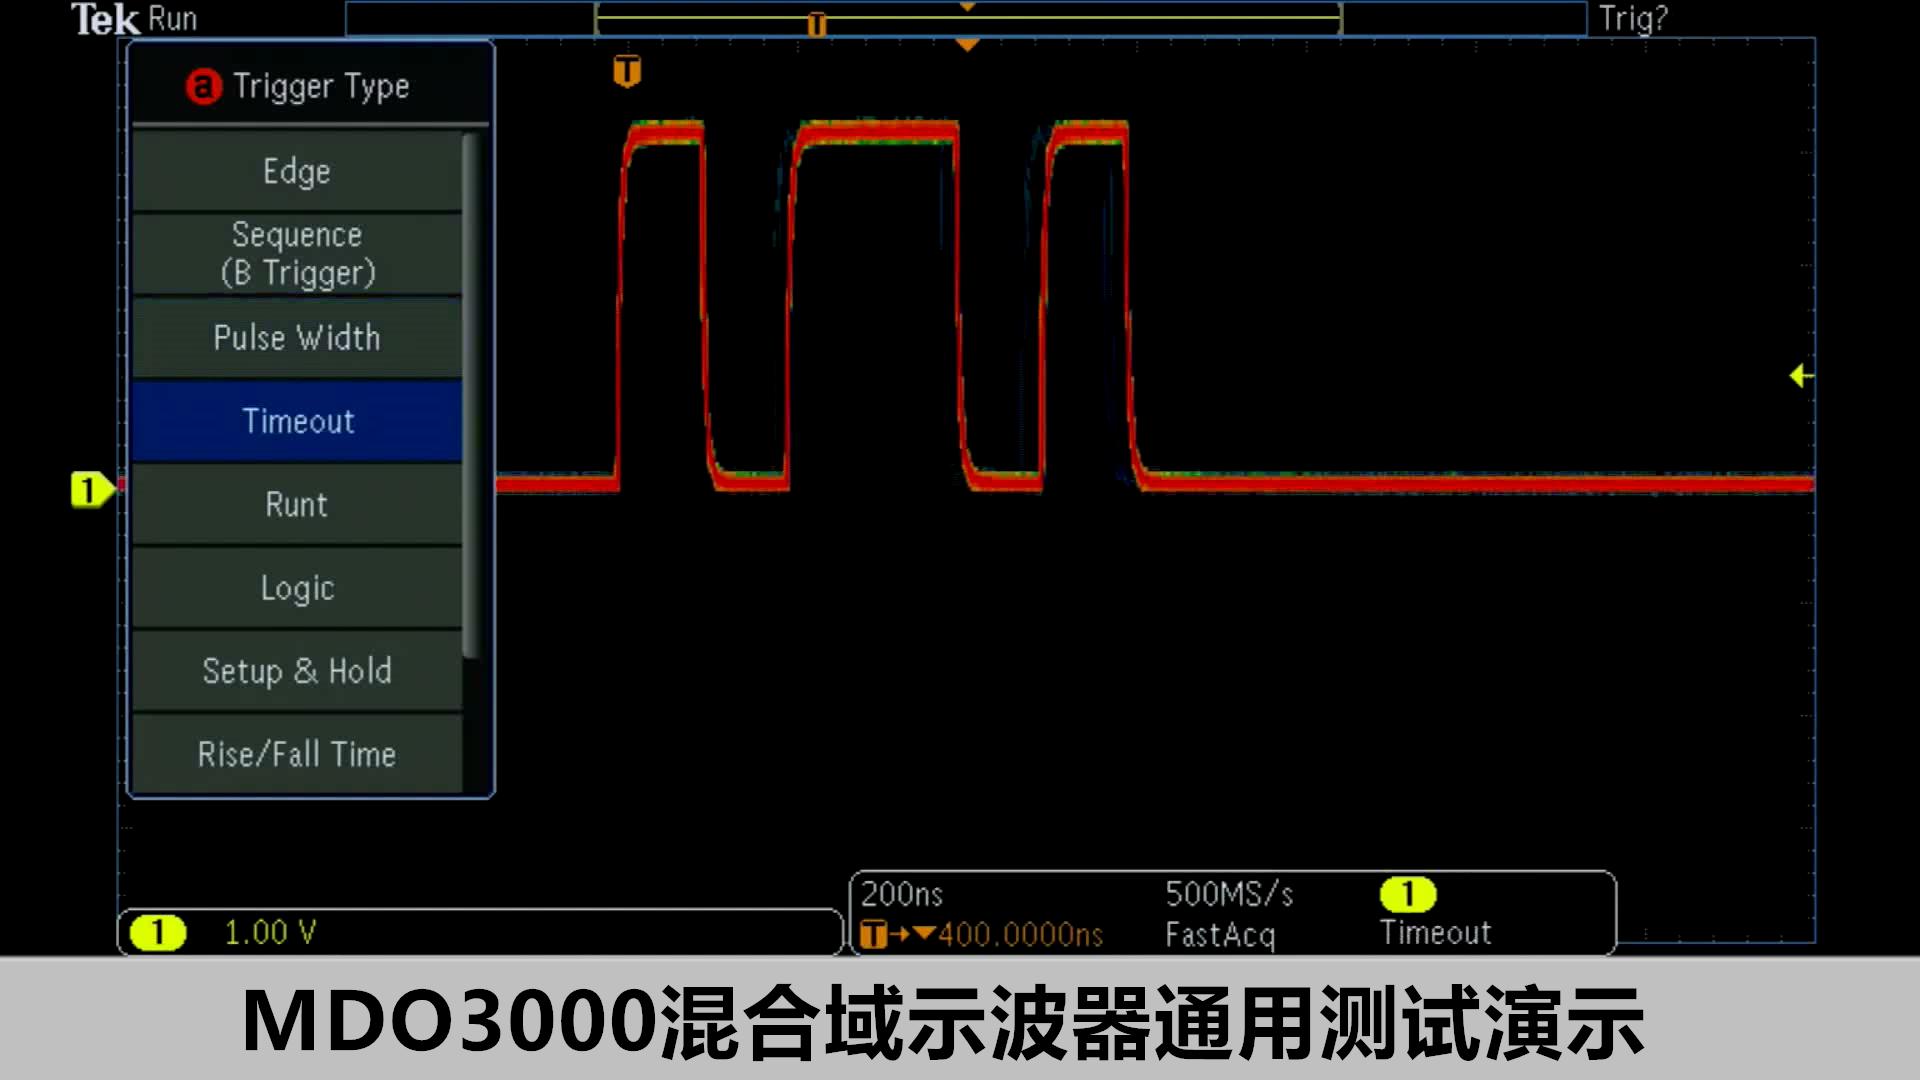 【示波器进阶教程实践篇】MDO3000混合域示波器通用测试演示